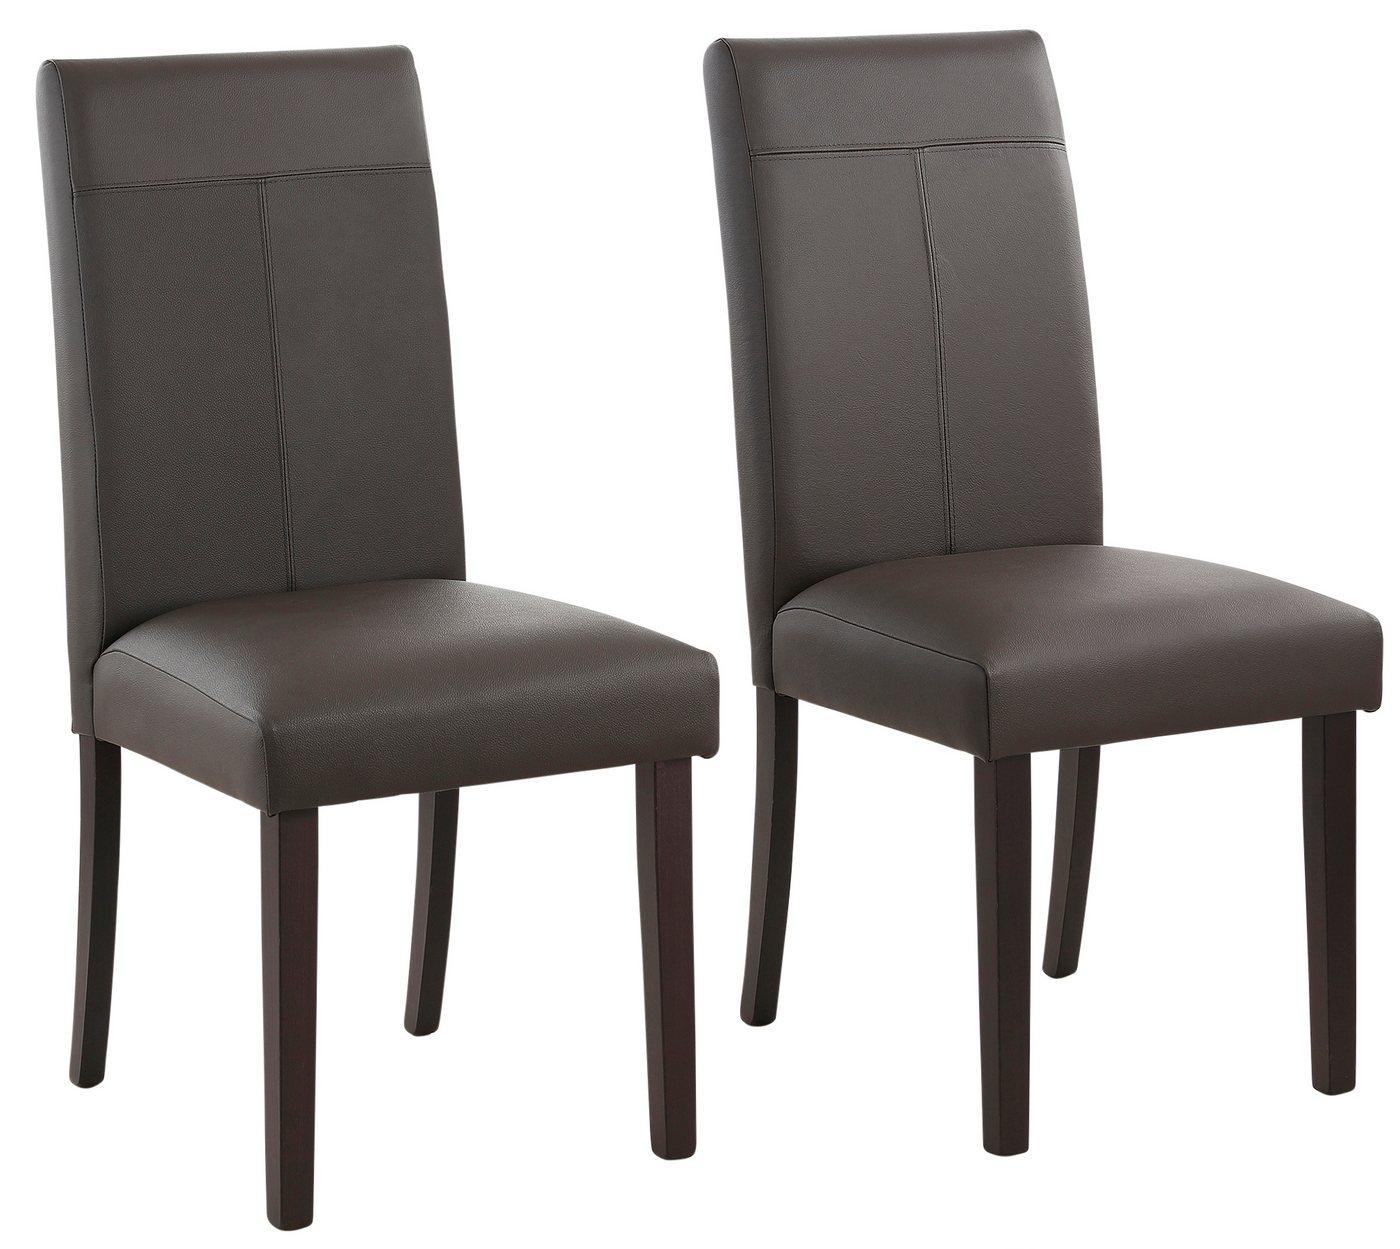 stuhl mit hoher sitzh he machen sie den preisvergleich. Black Bedroom Furniture Sets. Home Design Ideas